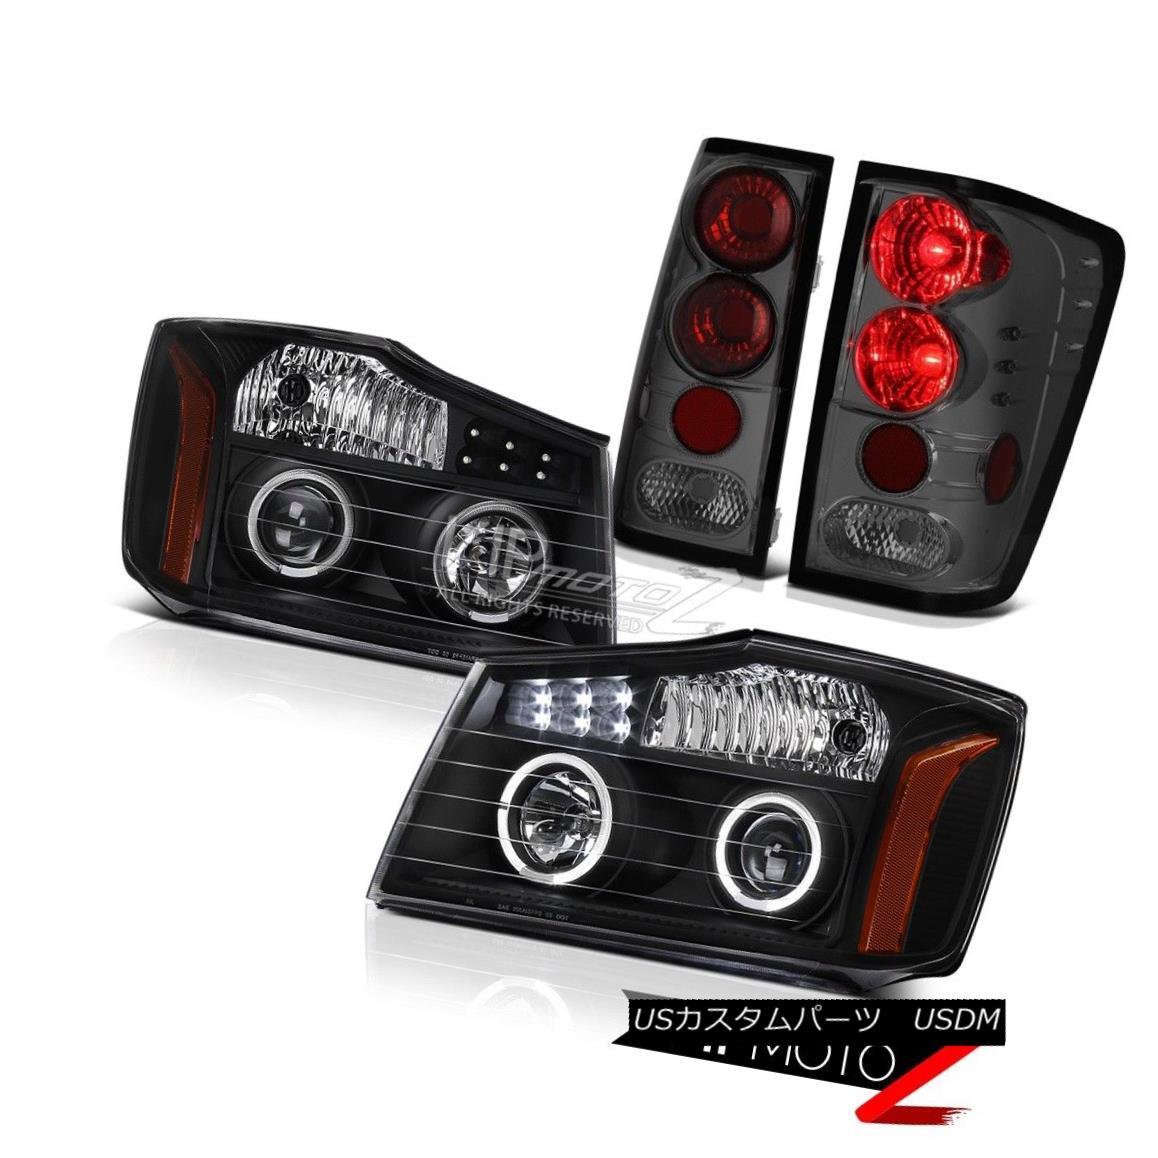 ヘッドライト For 2004-2015 Titan SE Black LED DRL Headlamps Assembly Smoke Red Tail Lights 2004年?2015年タイタンSEブラックLED DRLヘッドランプ組立煙レッドテールライト